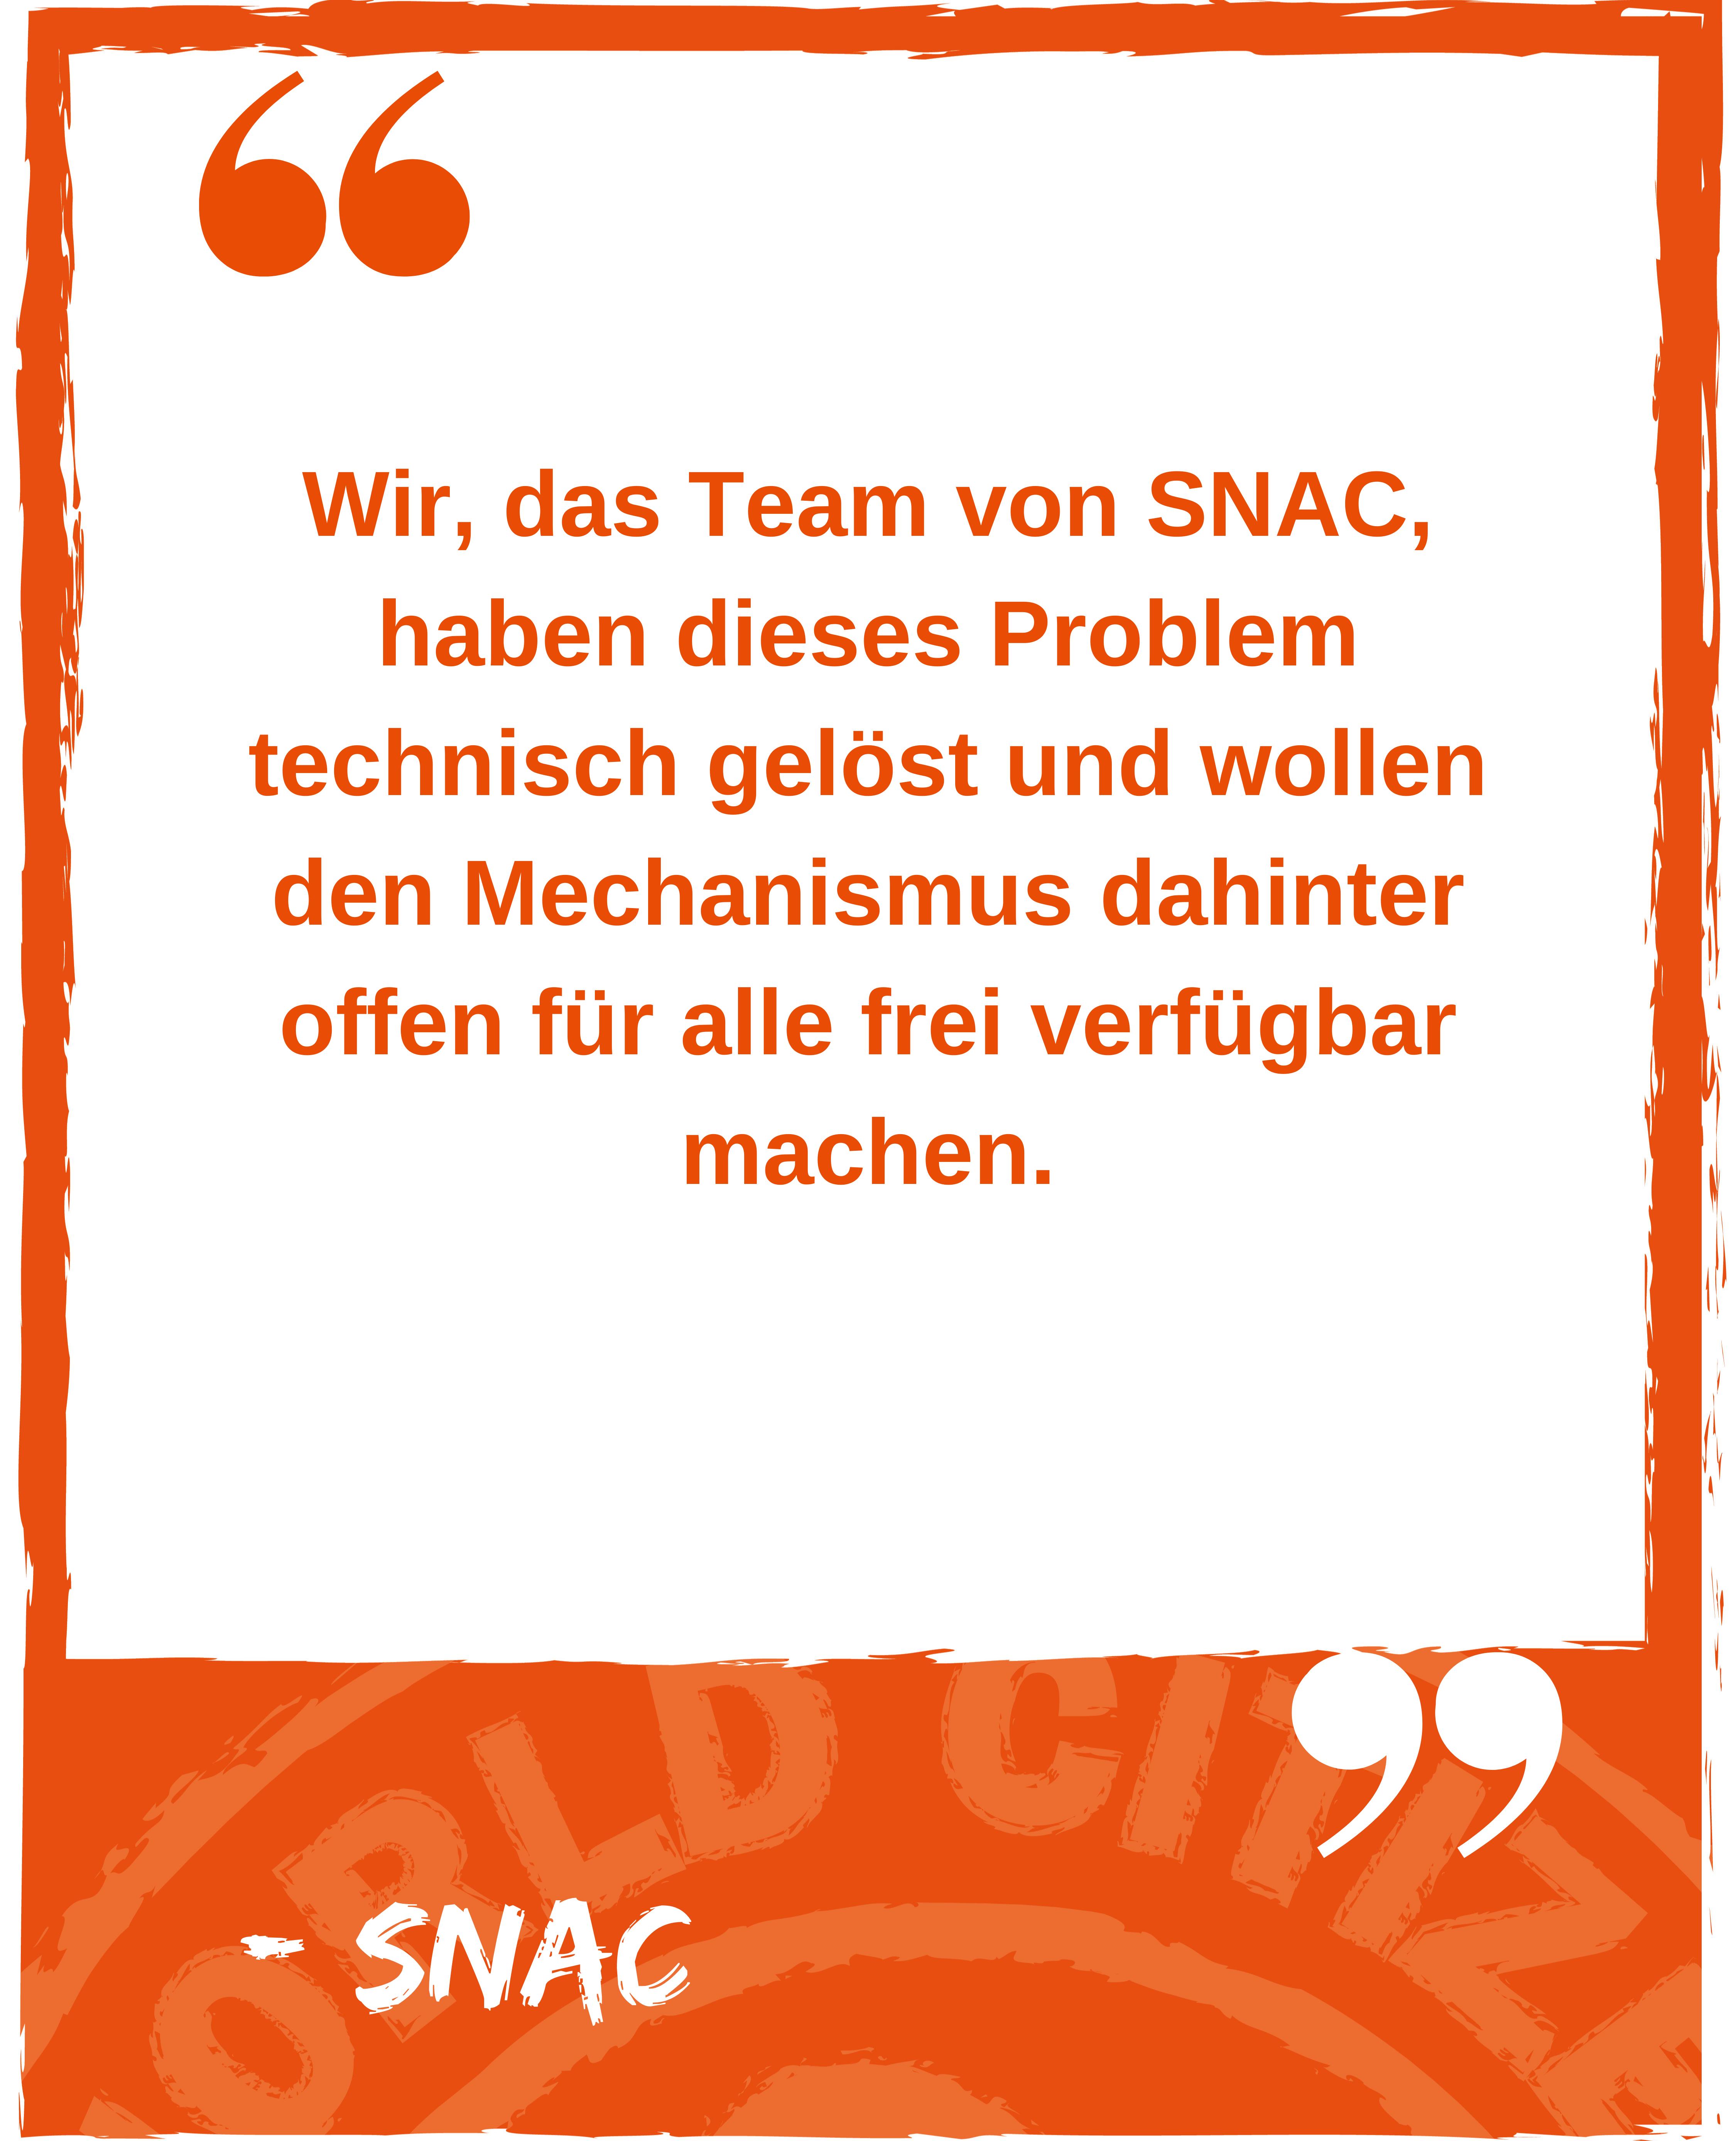 Wir, das Team von SNAC, haben dieses Problem technisch gelöst und wollen den Mechanismus dahinter offen für alle frei verfügbar machen. Zitat von Snac